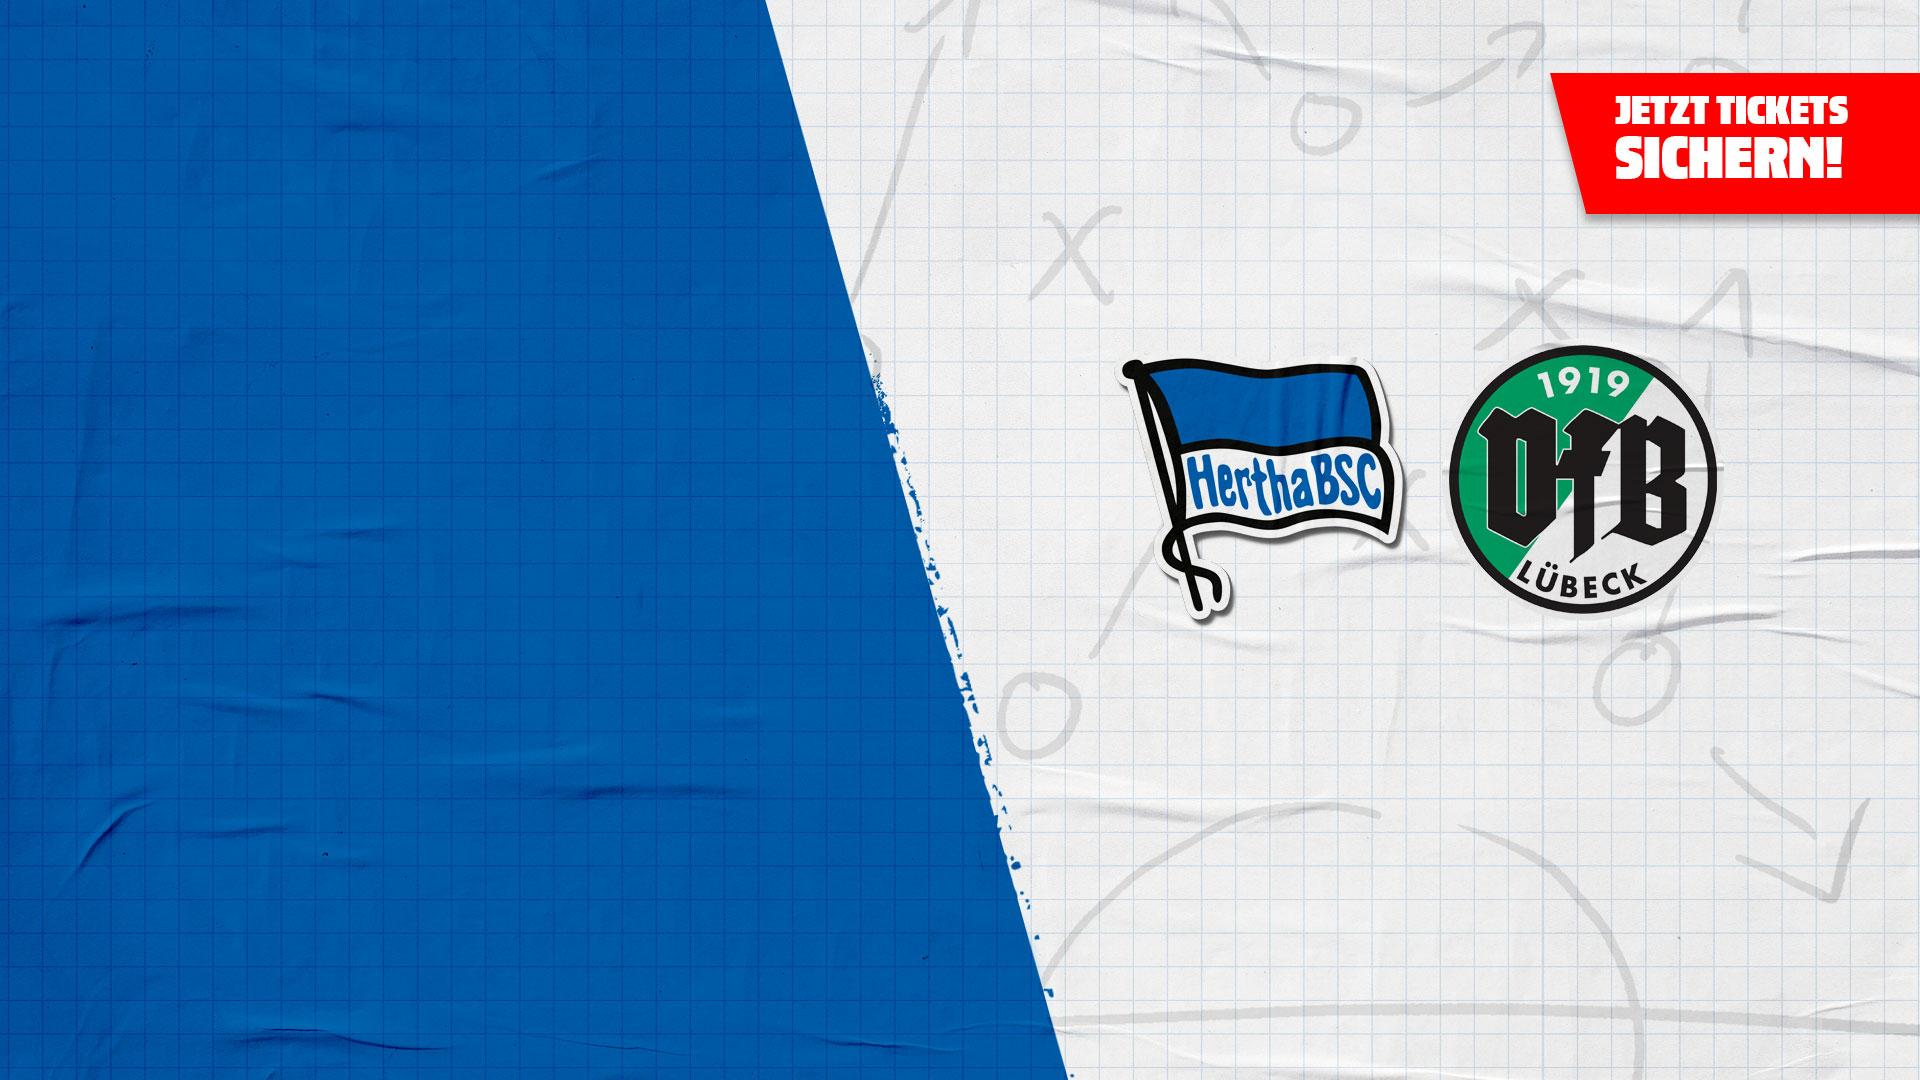 Grafik zum Testspiel gegen Hannover 96: Jetzt Tickets sichern!